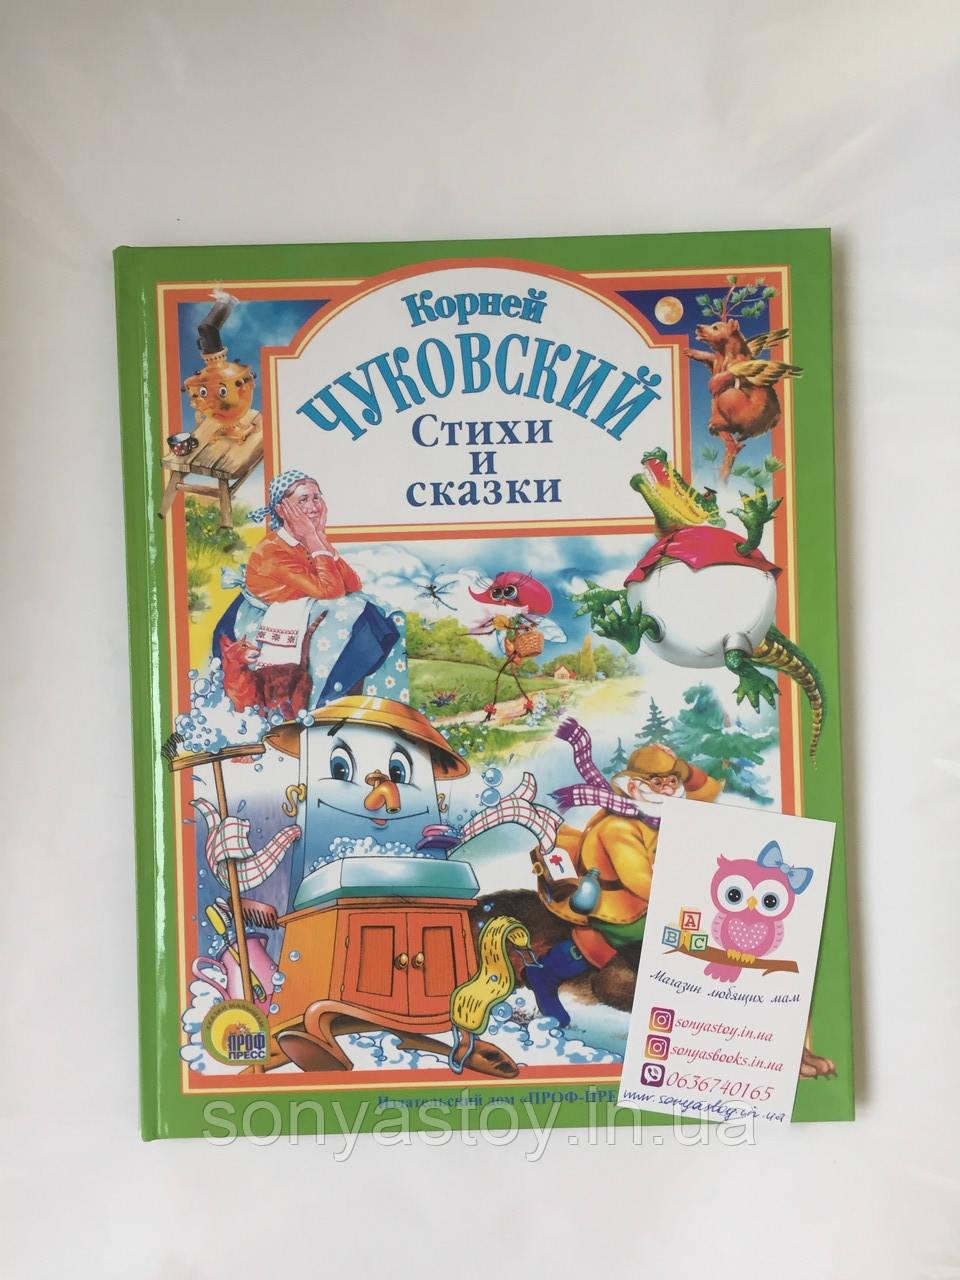 Книга Корней Чуковский. Стихи и сказки